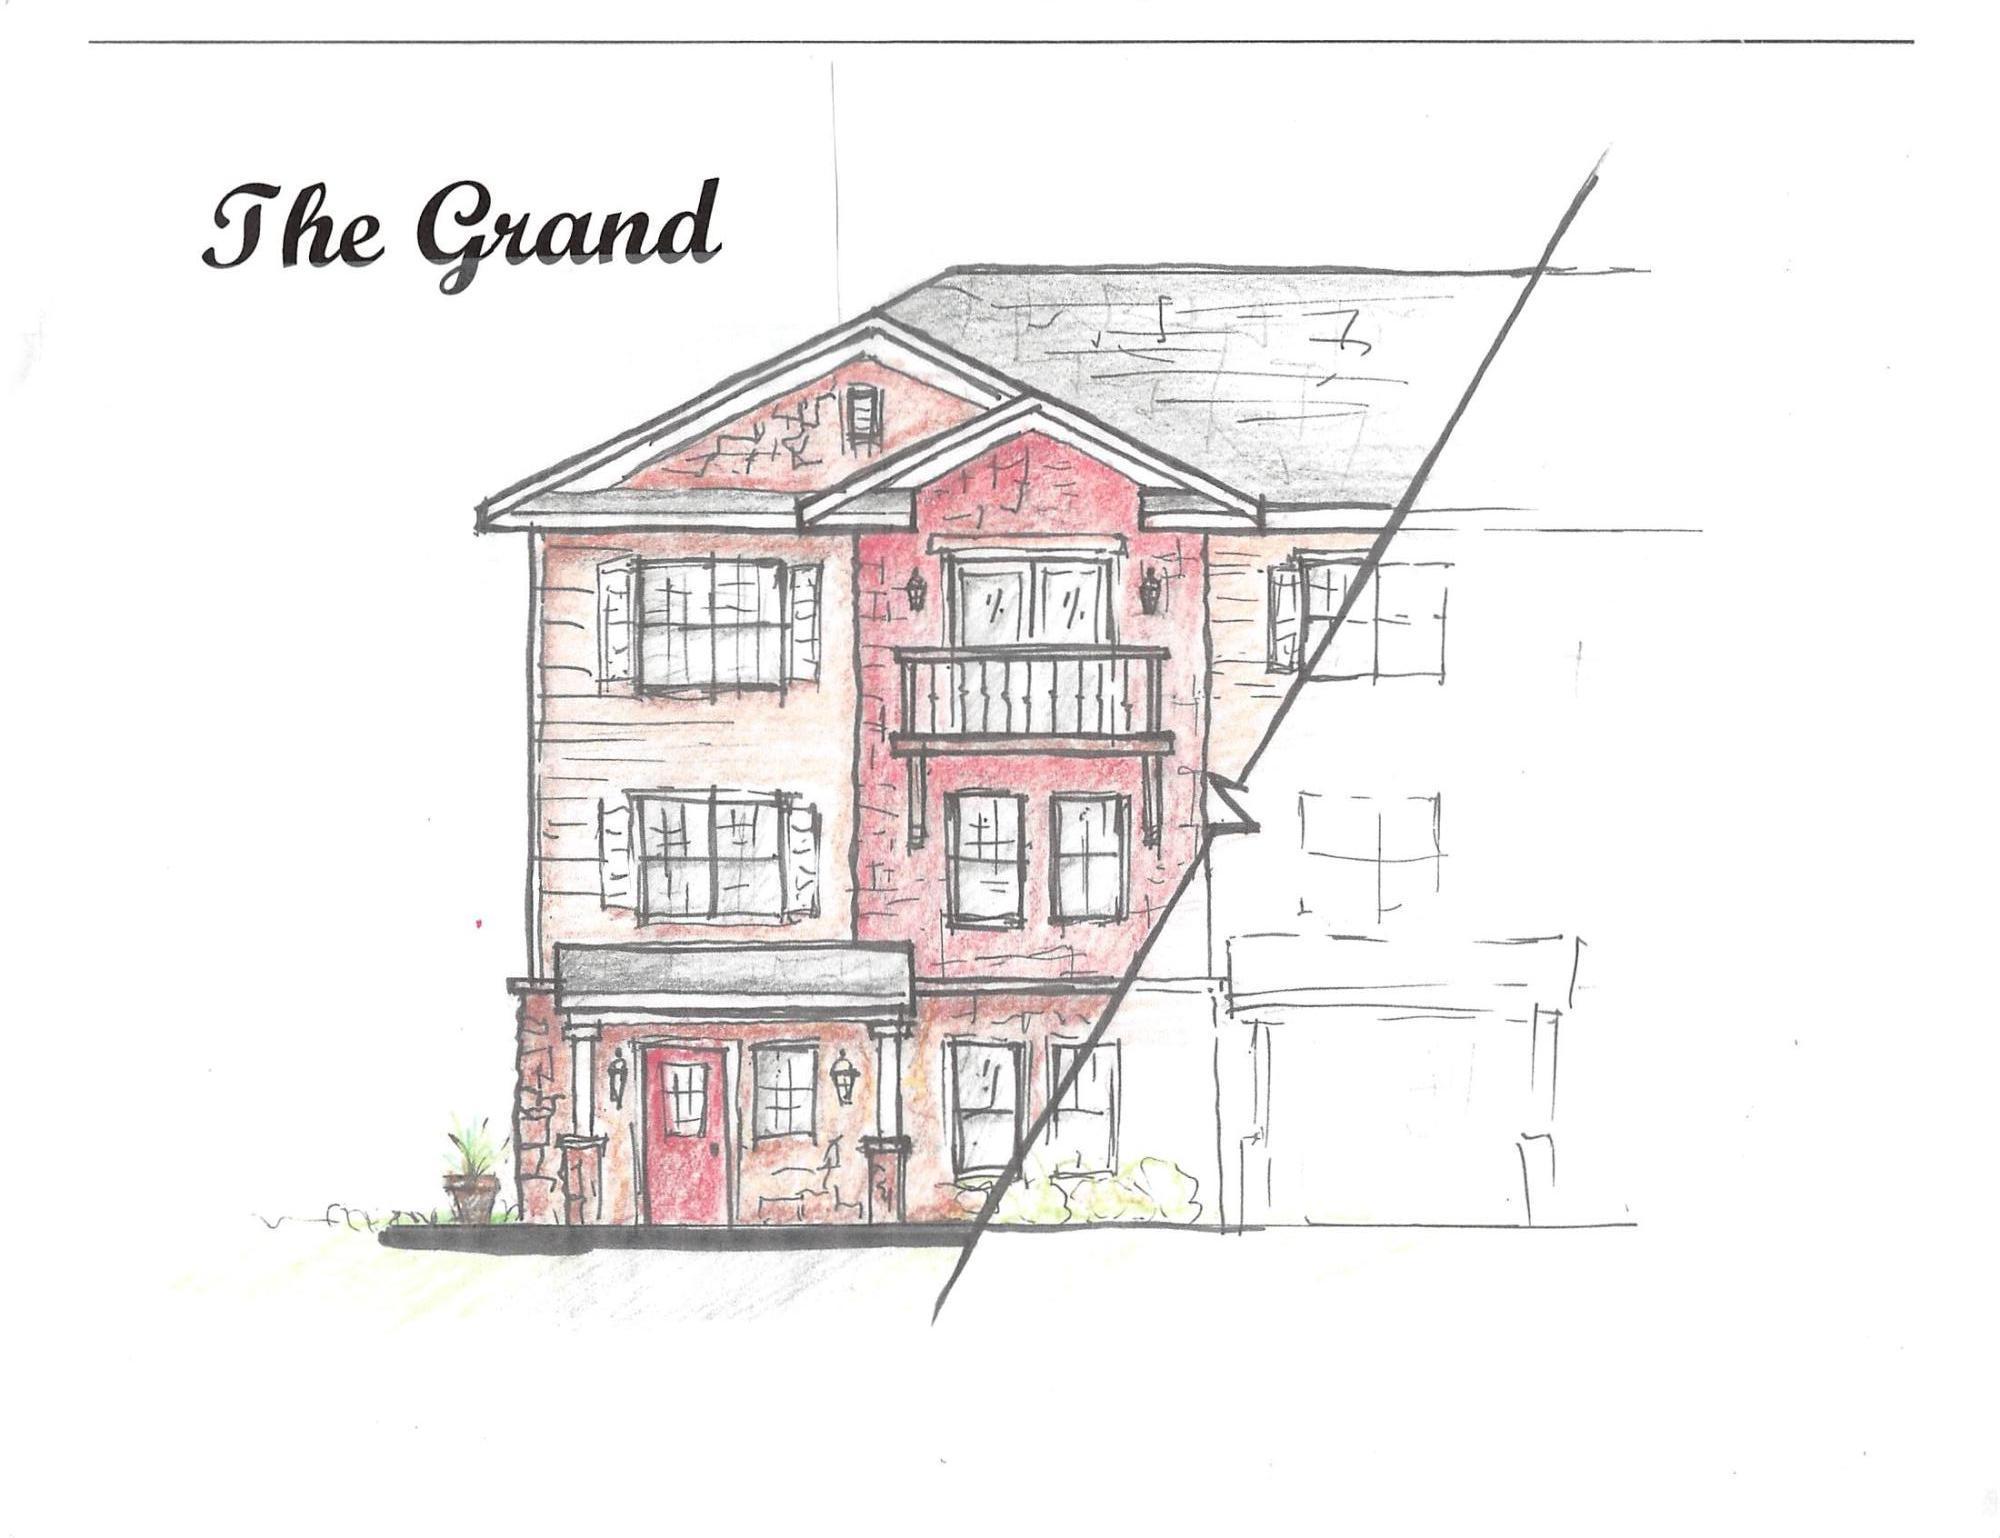 205 Fox St, Mukwonago, Wisconsin 53149, 2 Bedrooms Bedrooms, ,2 BathroomsBathrooms,Condominiums,For Sale,Fox St,1,1695817